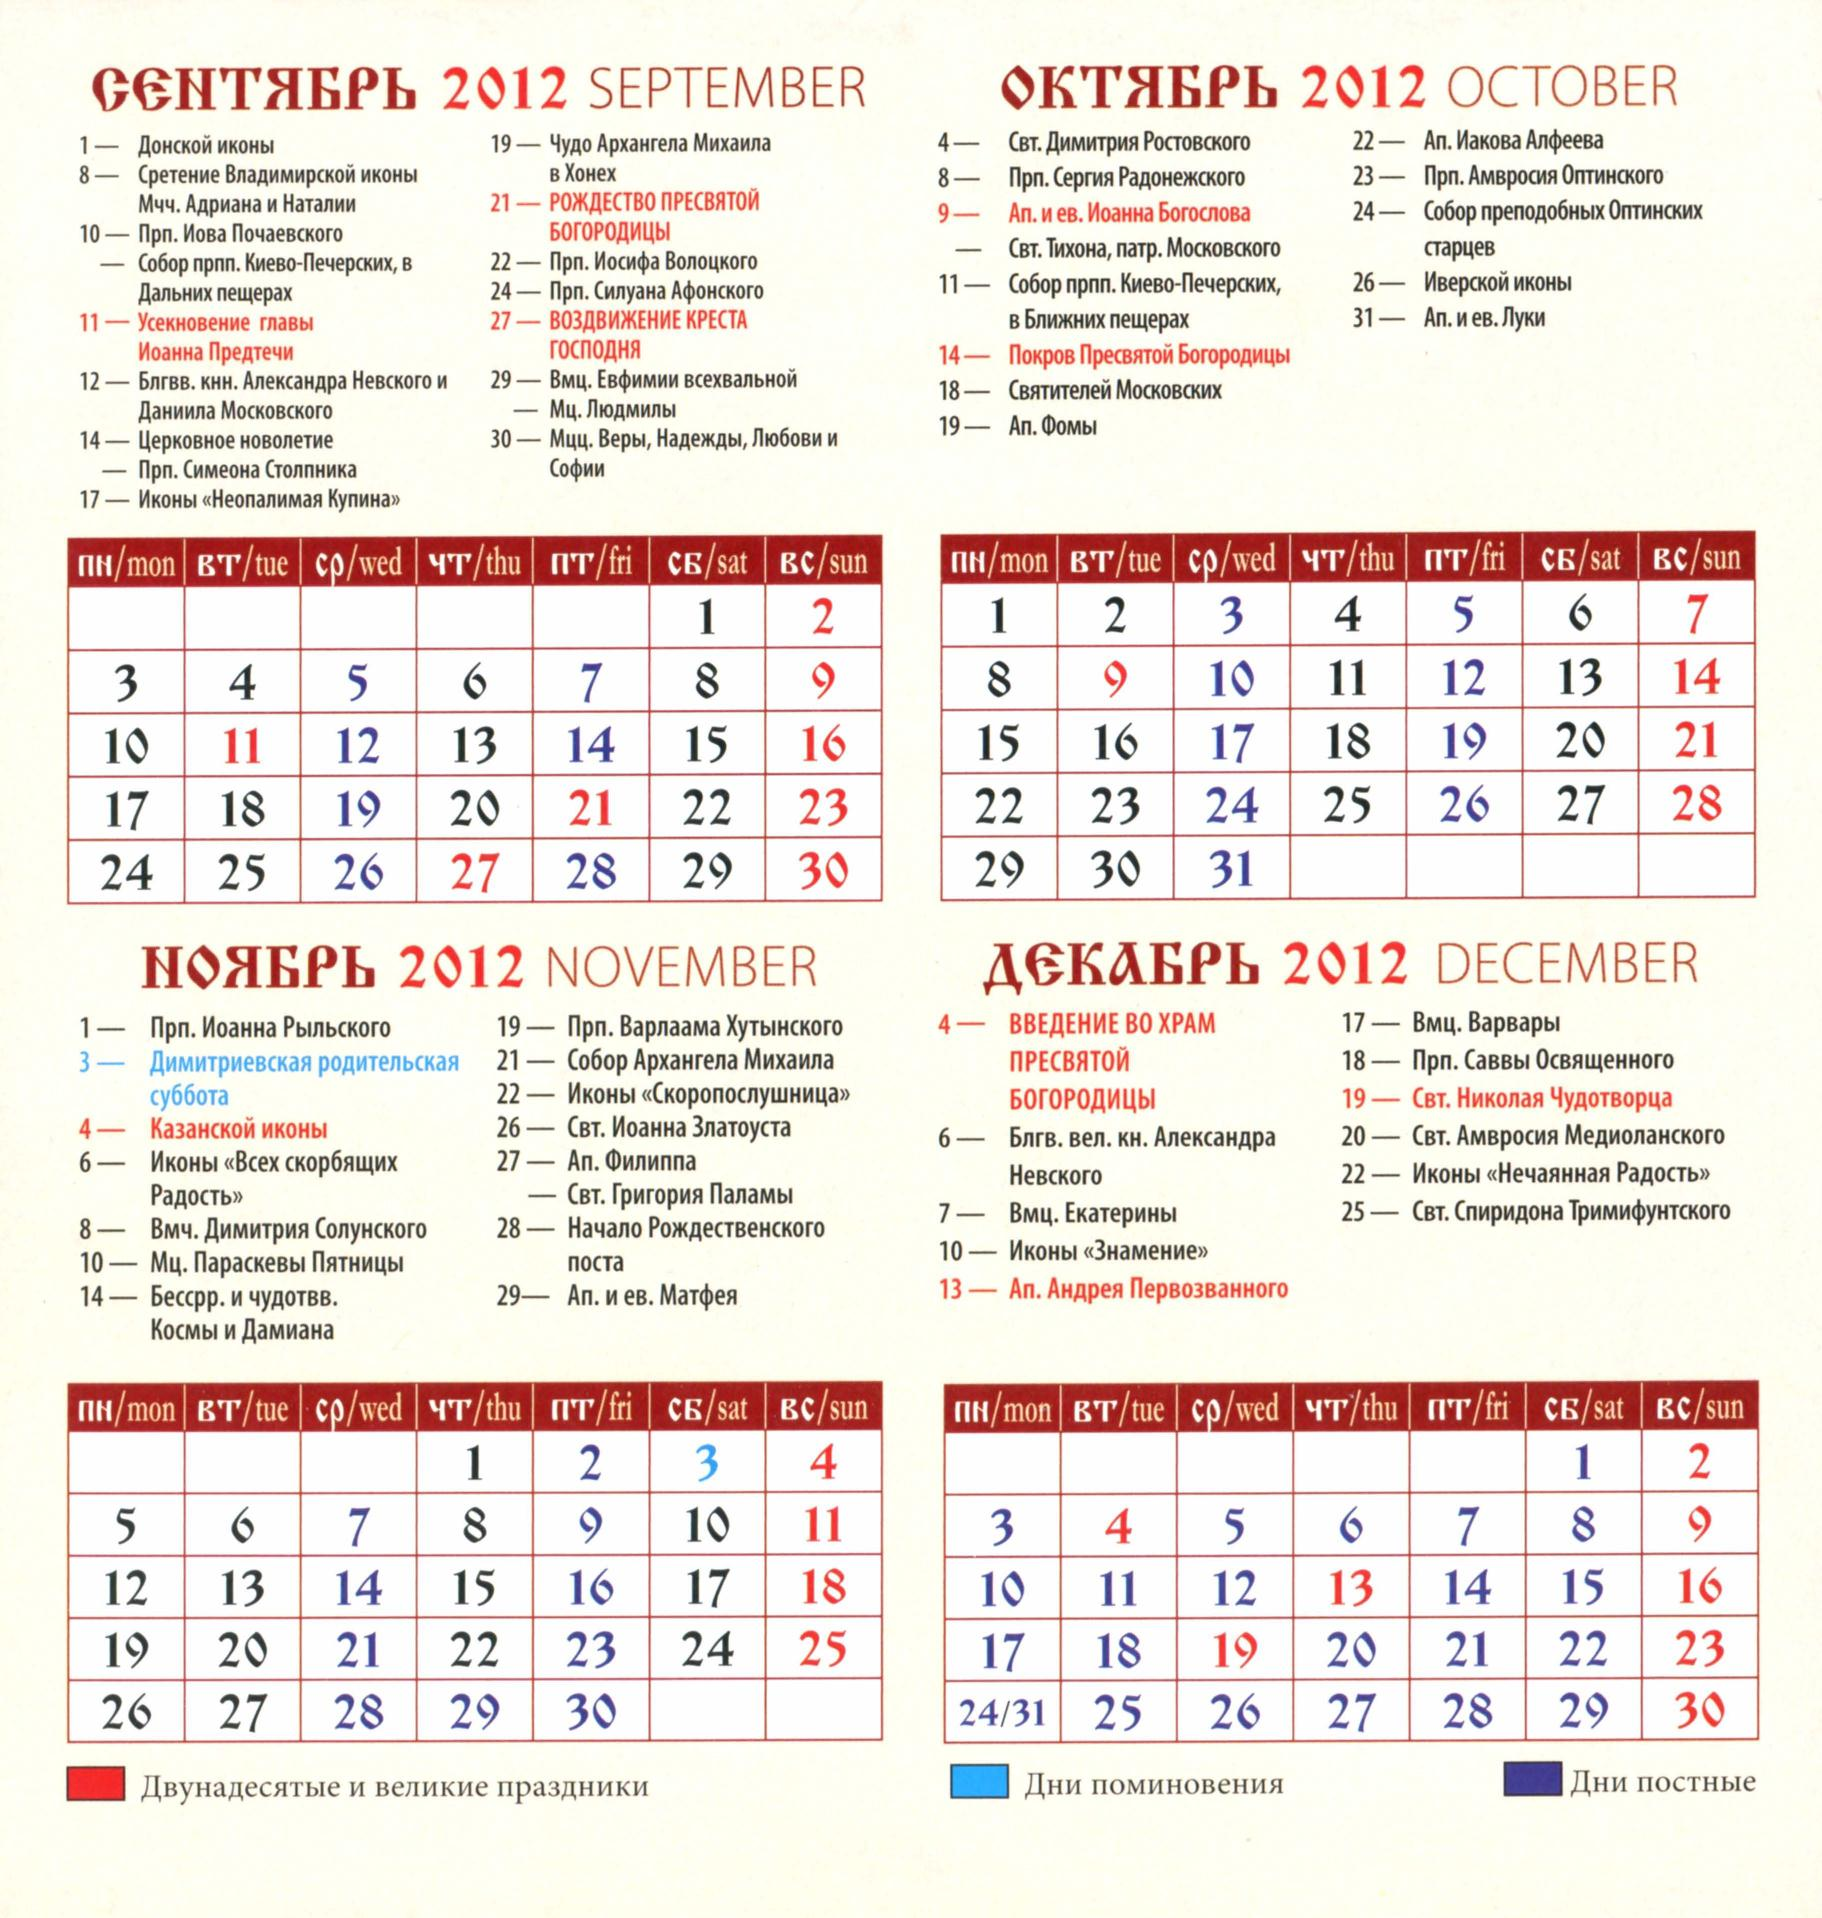 клипарт православный: